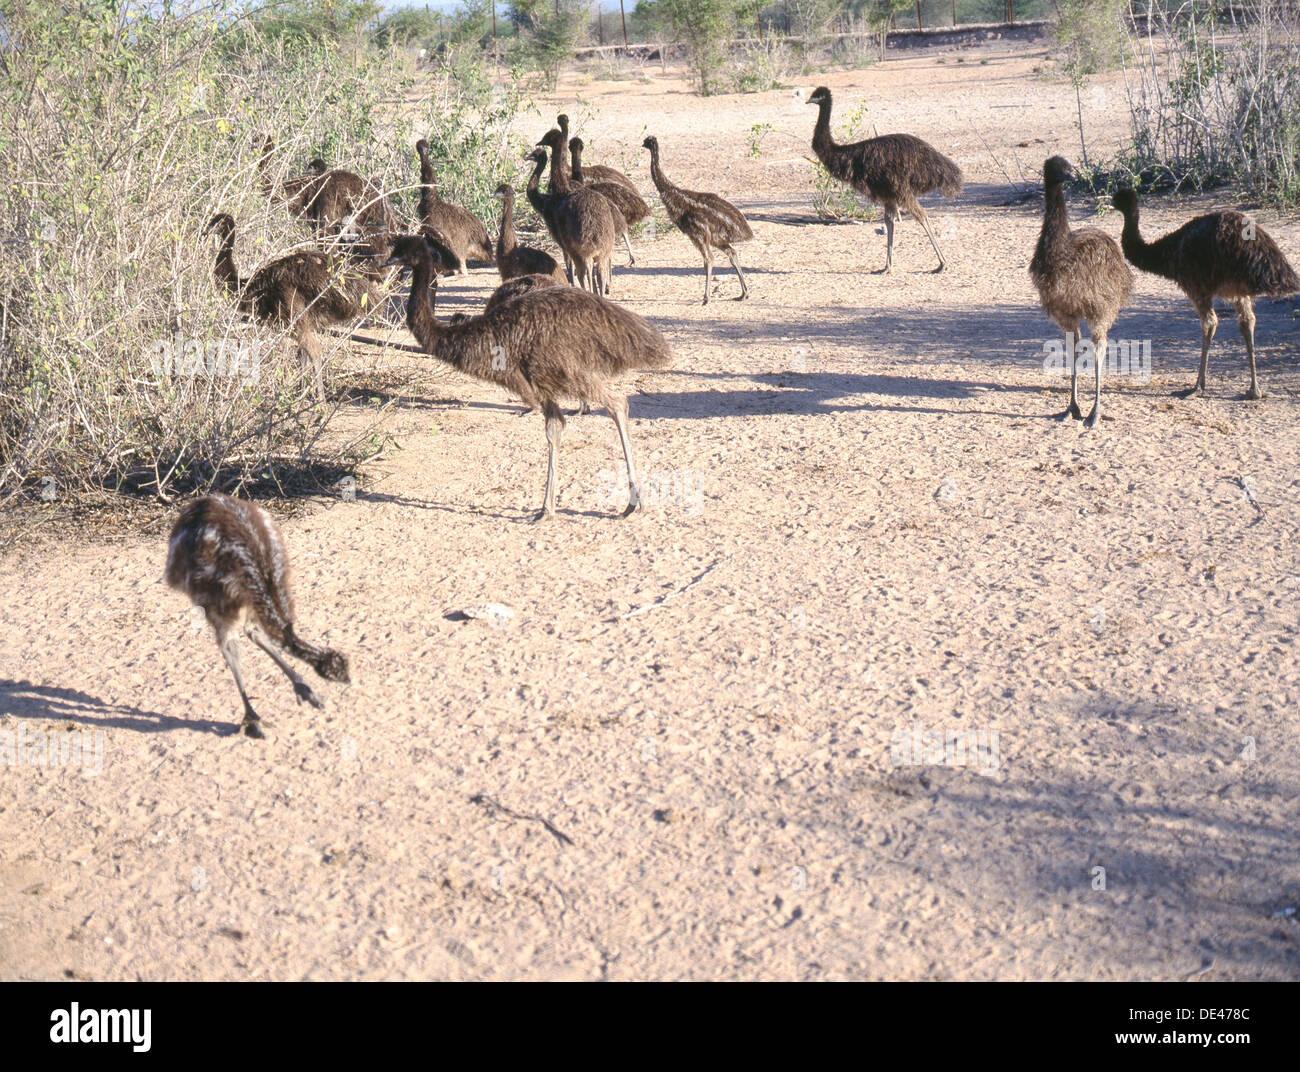 Emus photographed on Sir Bani Yas Island. - Stock Image